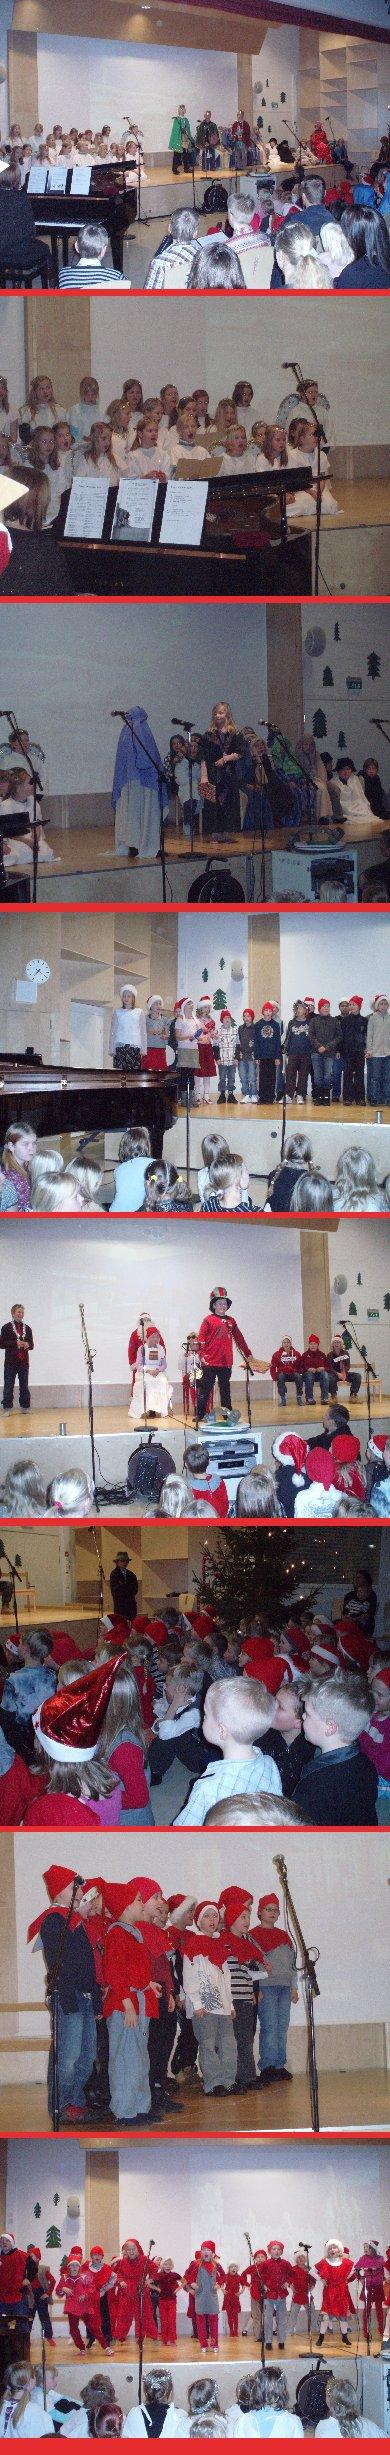 Monenmoista vilskettä tarjosi Kirkonkylän koulun joulujuhla.